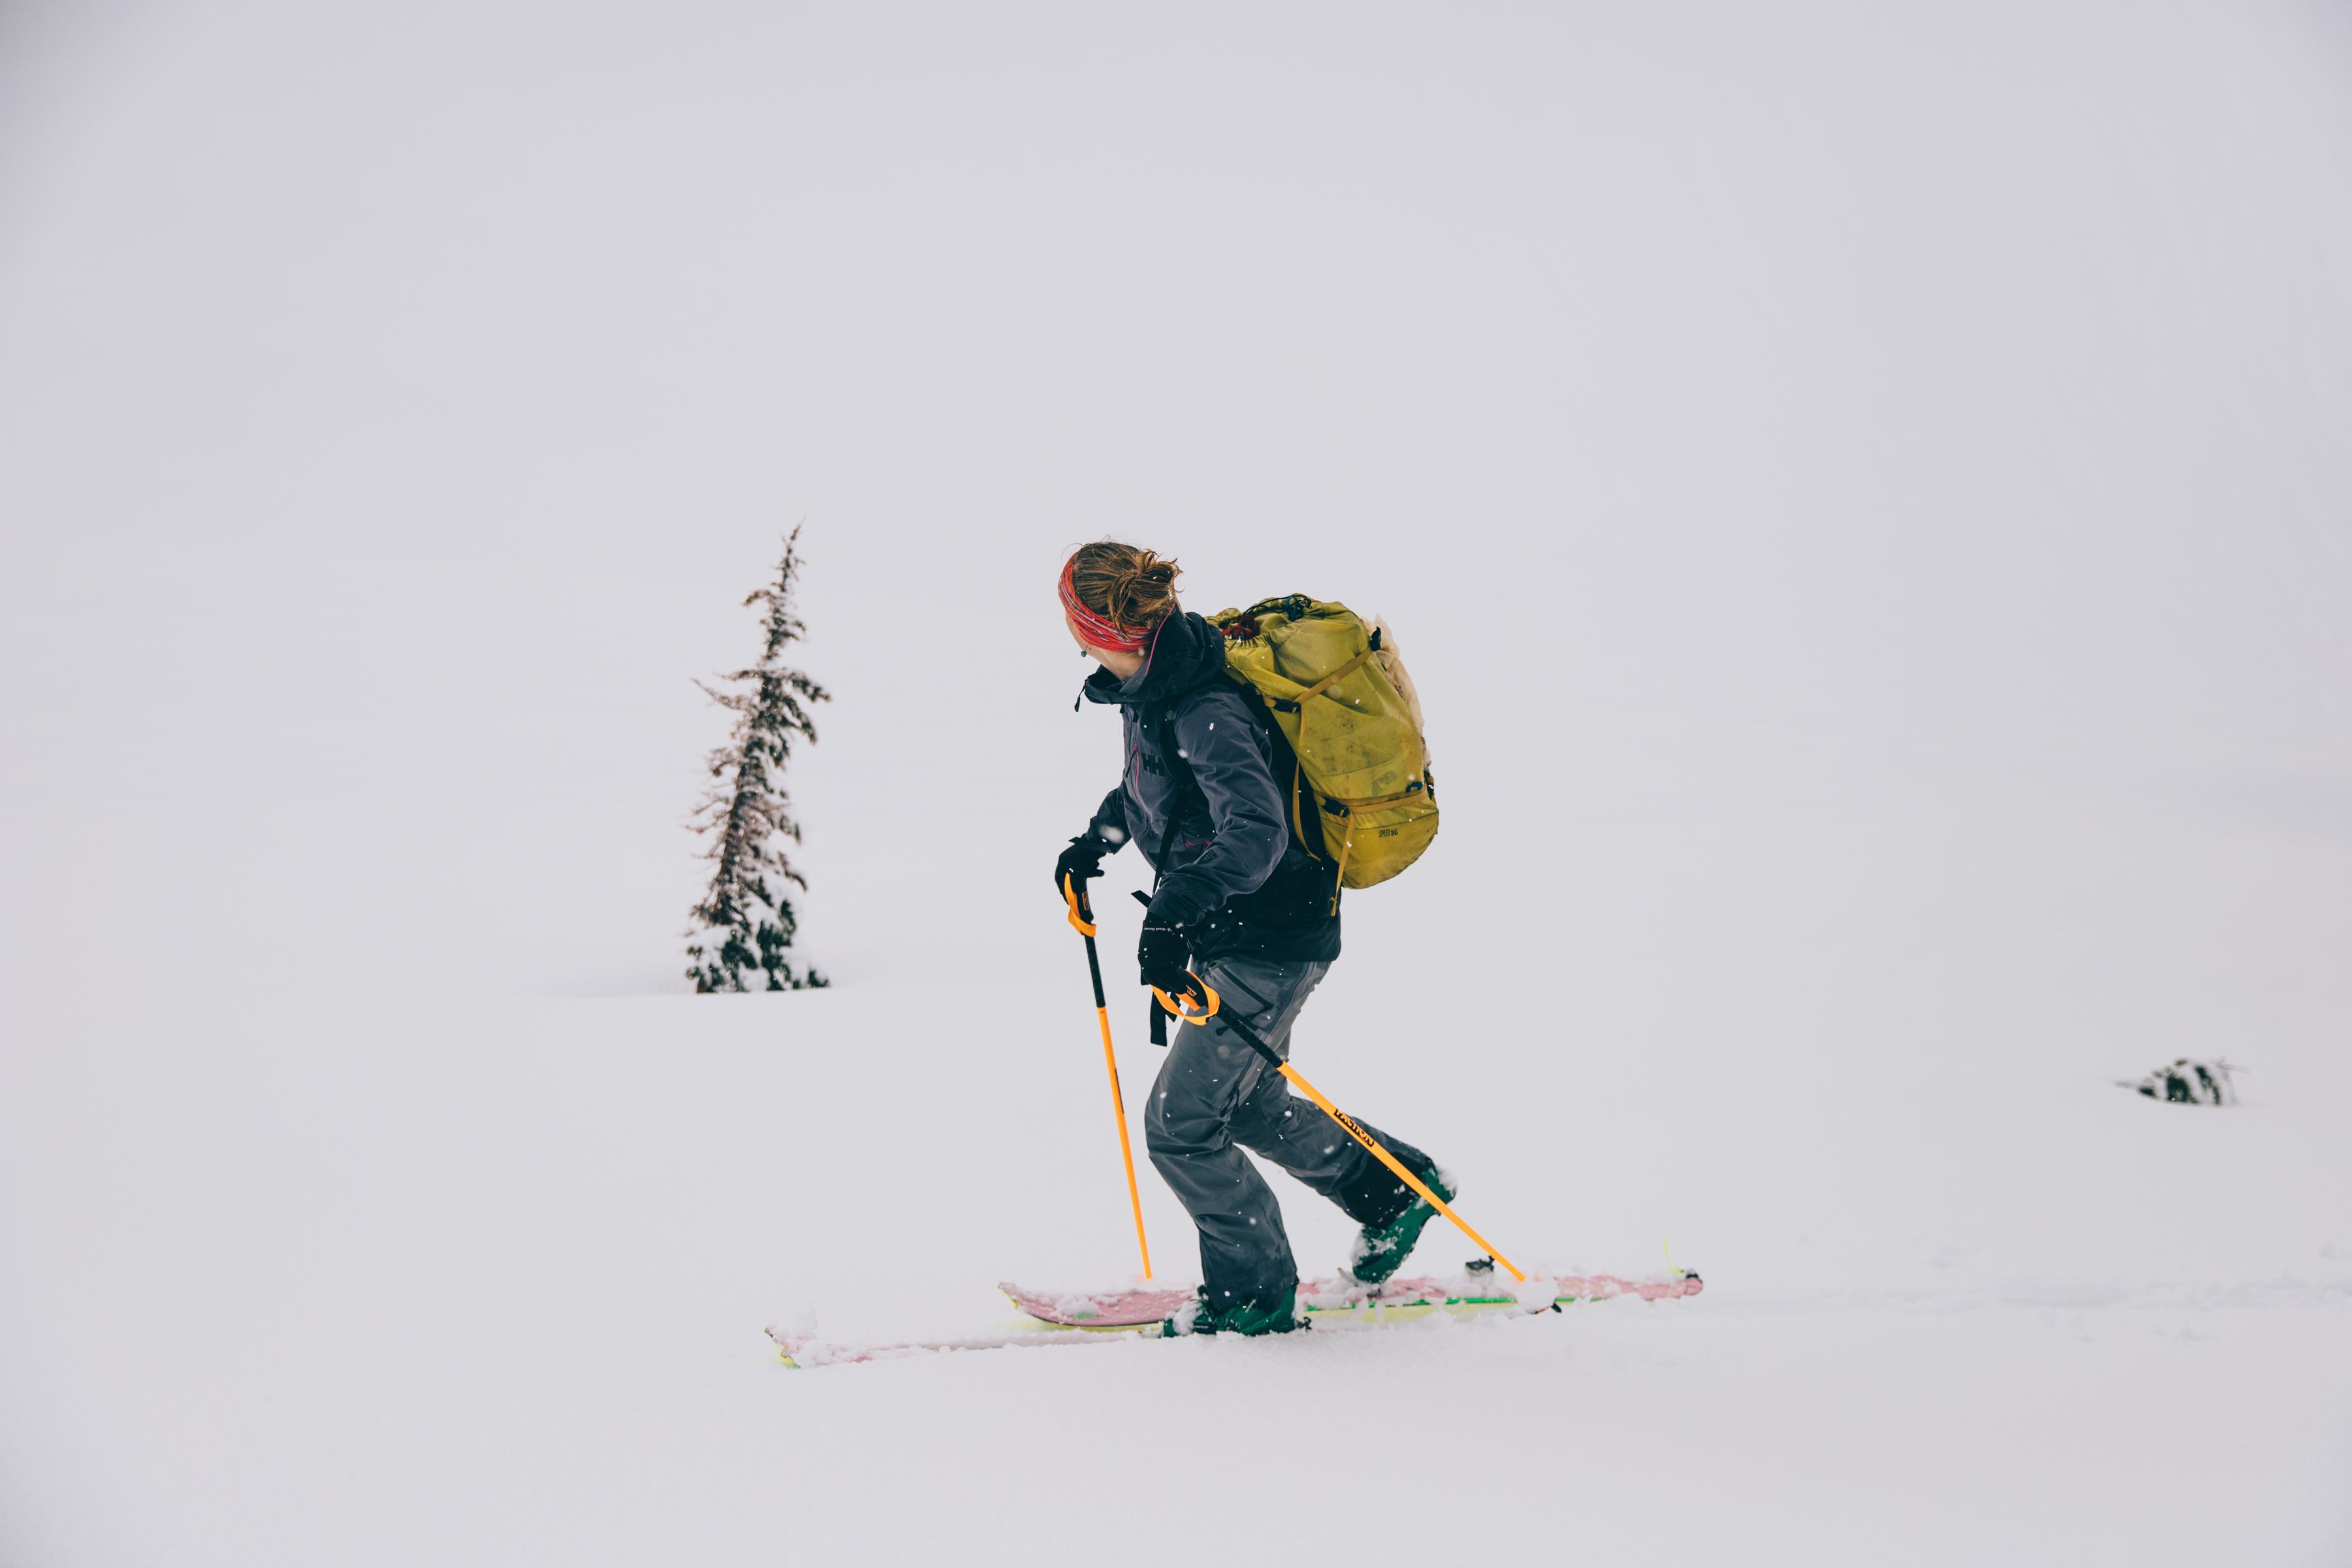 Skiing at last